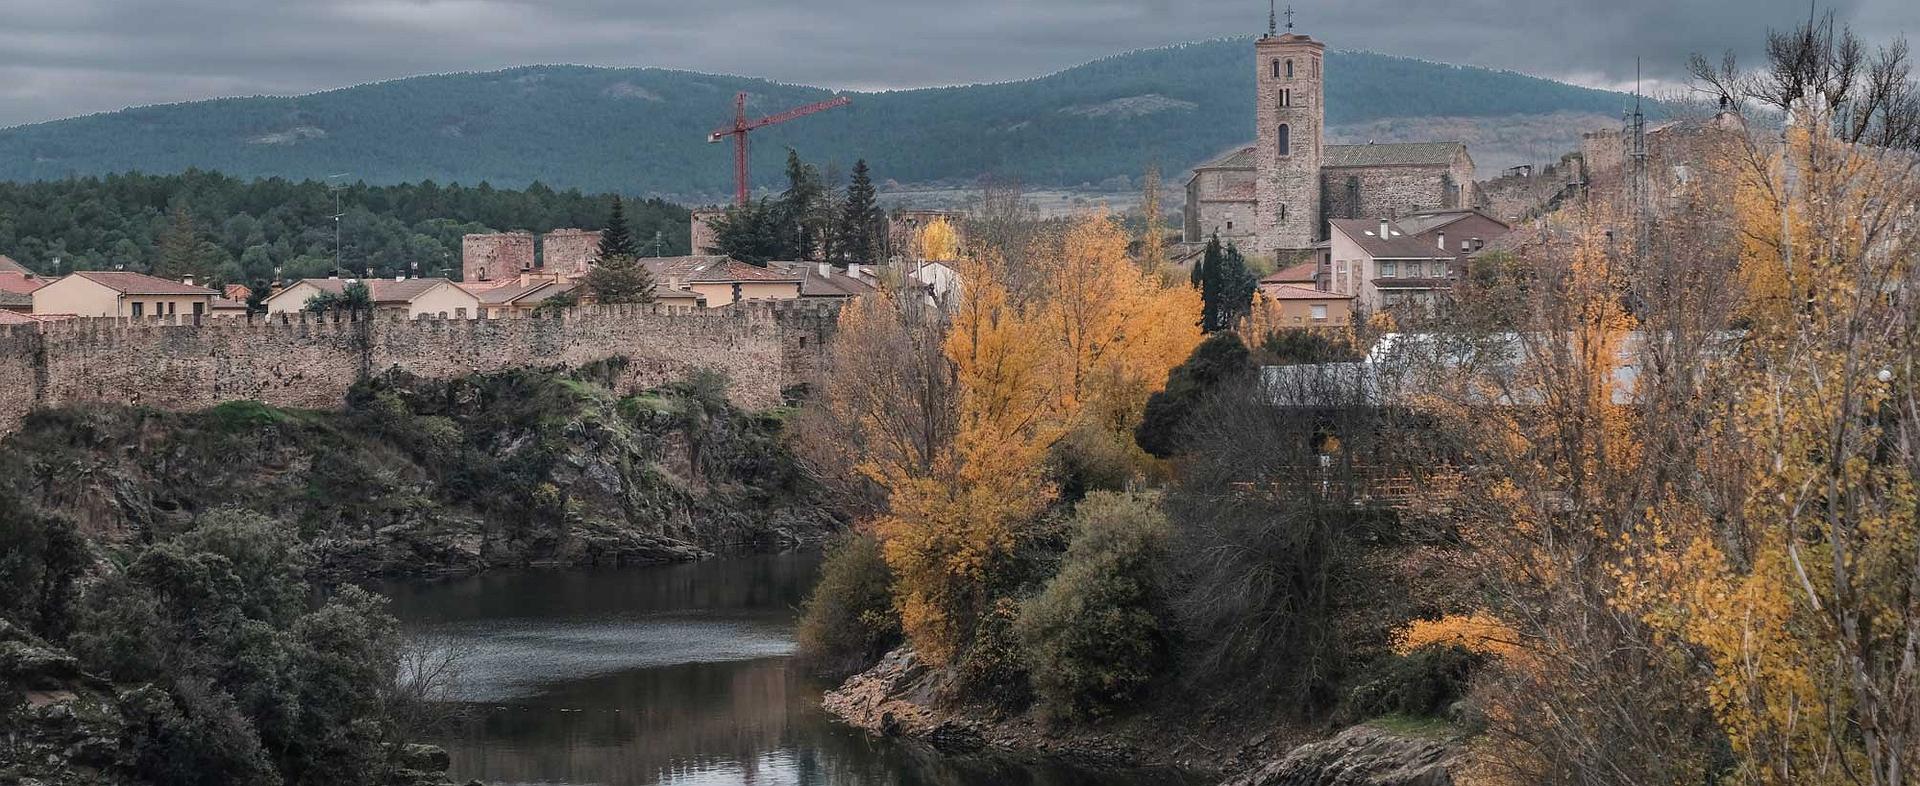 Buitrago del Lozoya (Madrid): excursión y qué ver